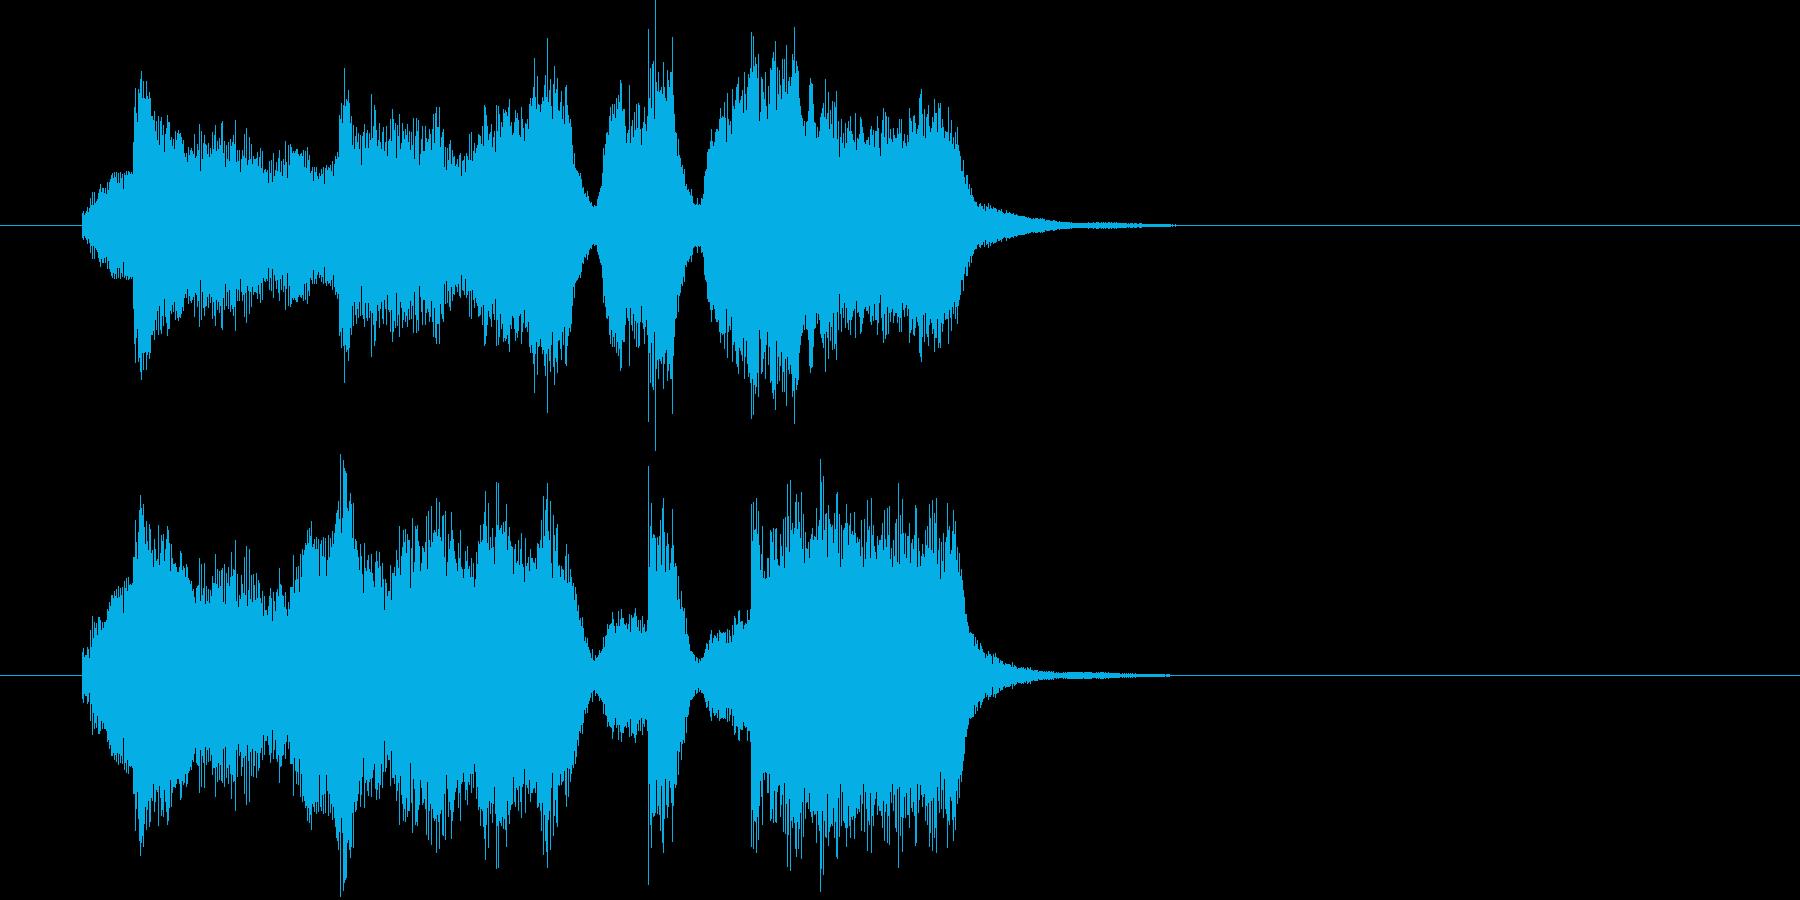 弦楽四重奏による場面転換・アイキャッチの再生済みの波形